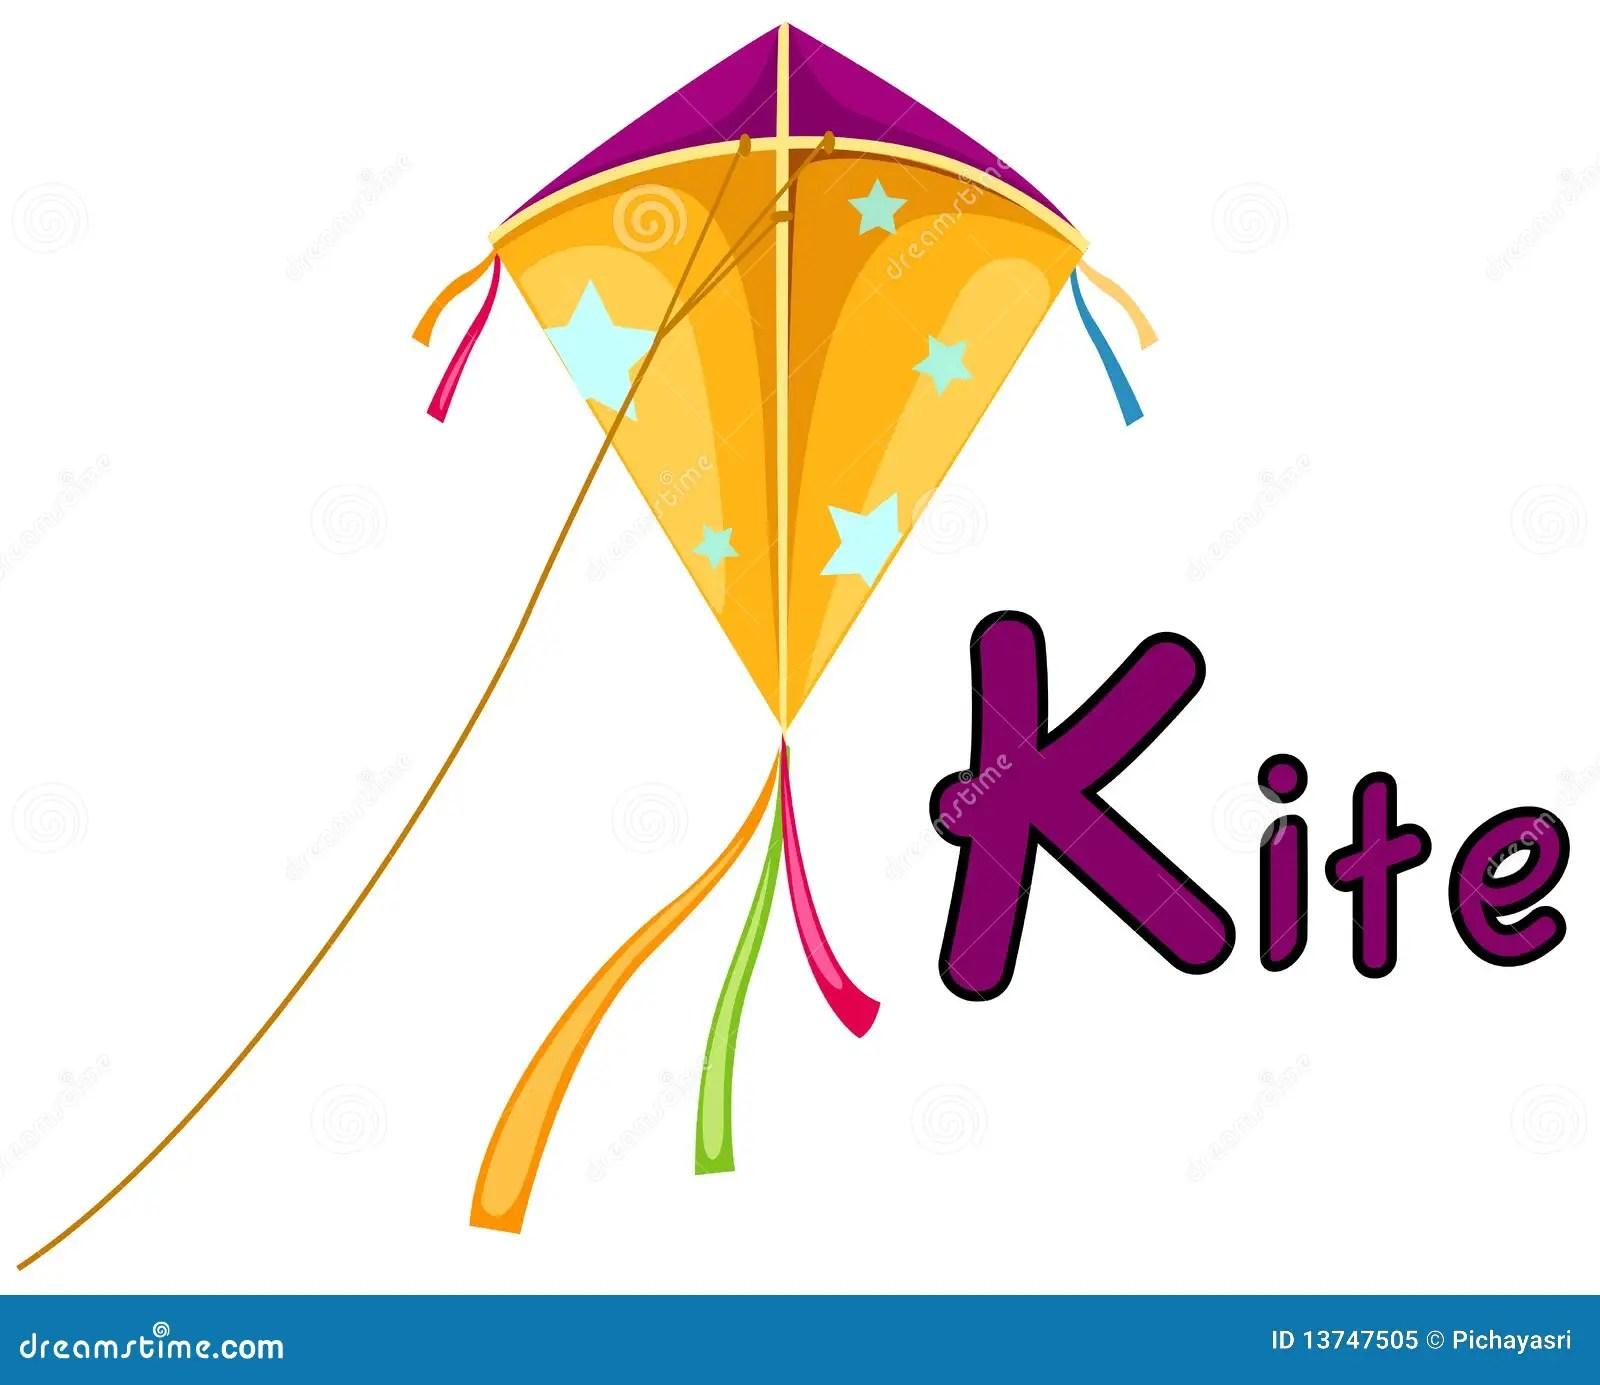 Alphabet K For Kite Stock Vector Illustration Of